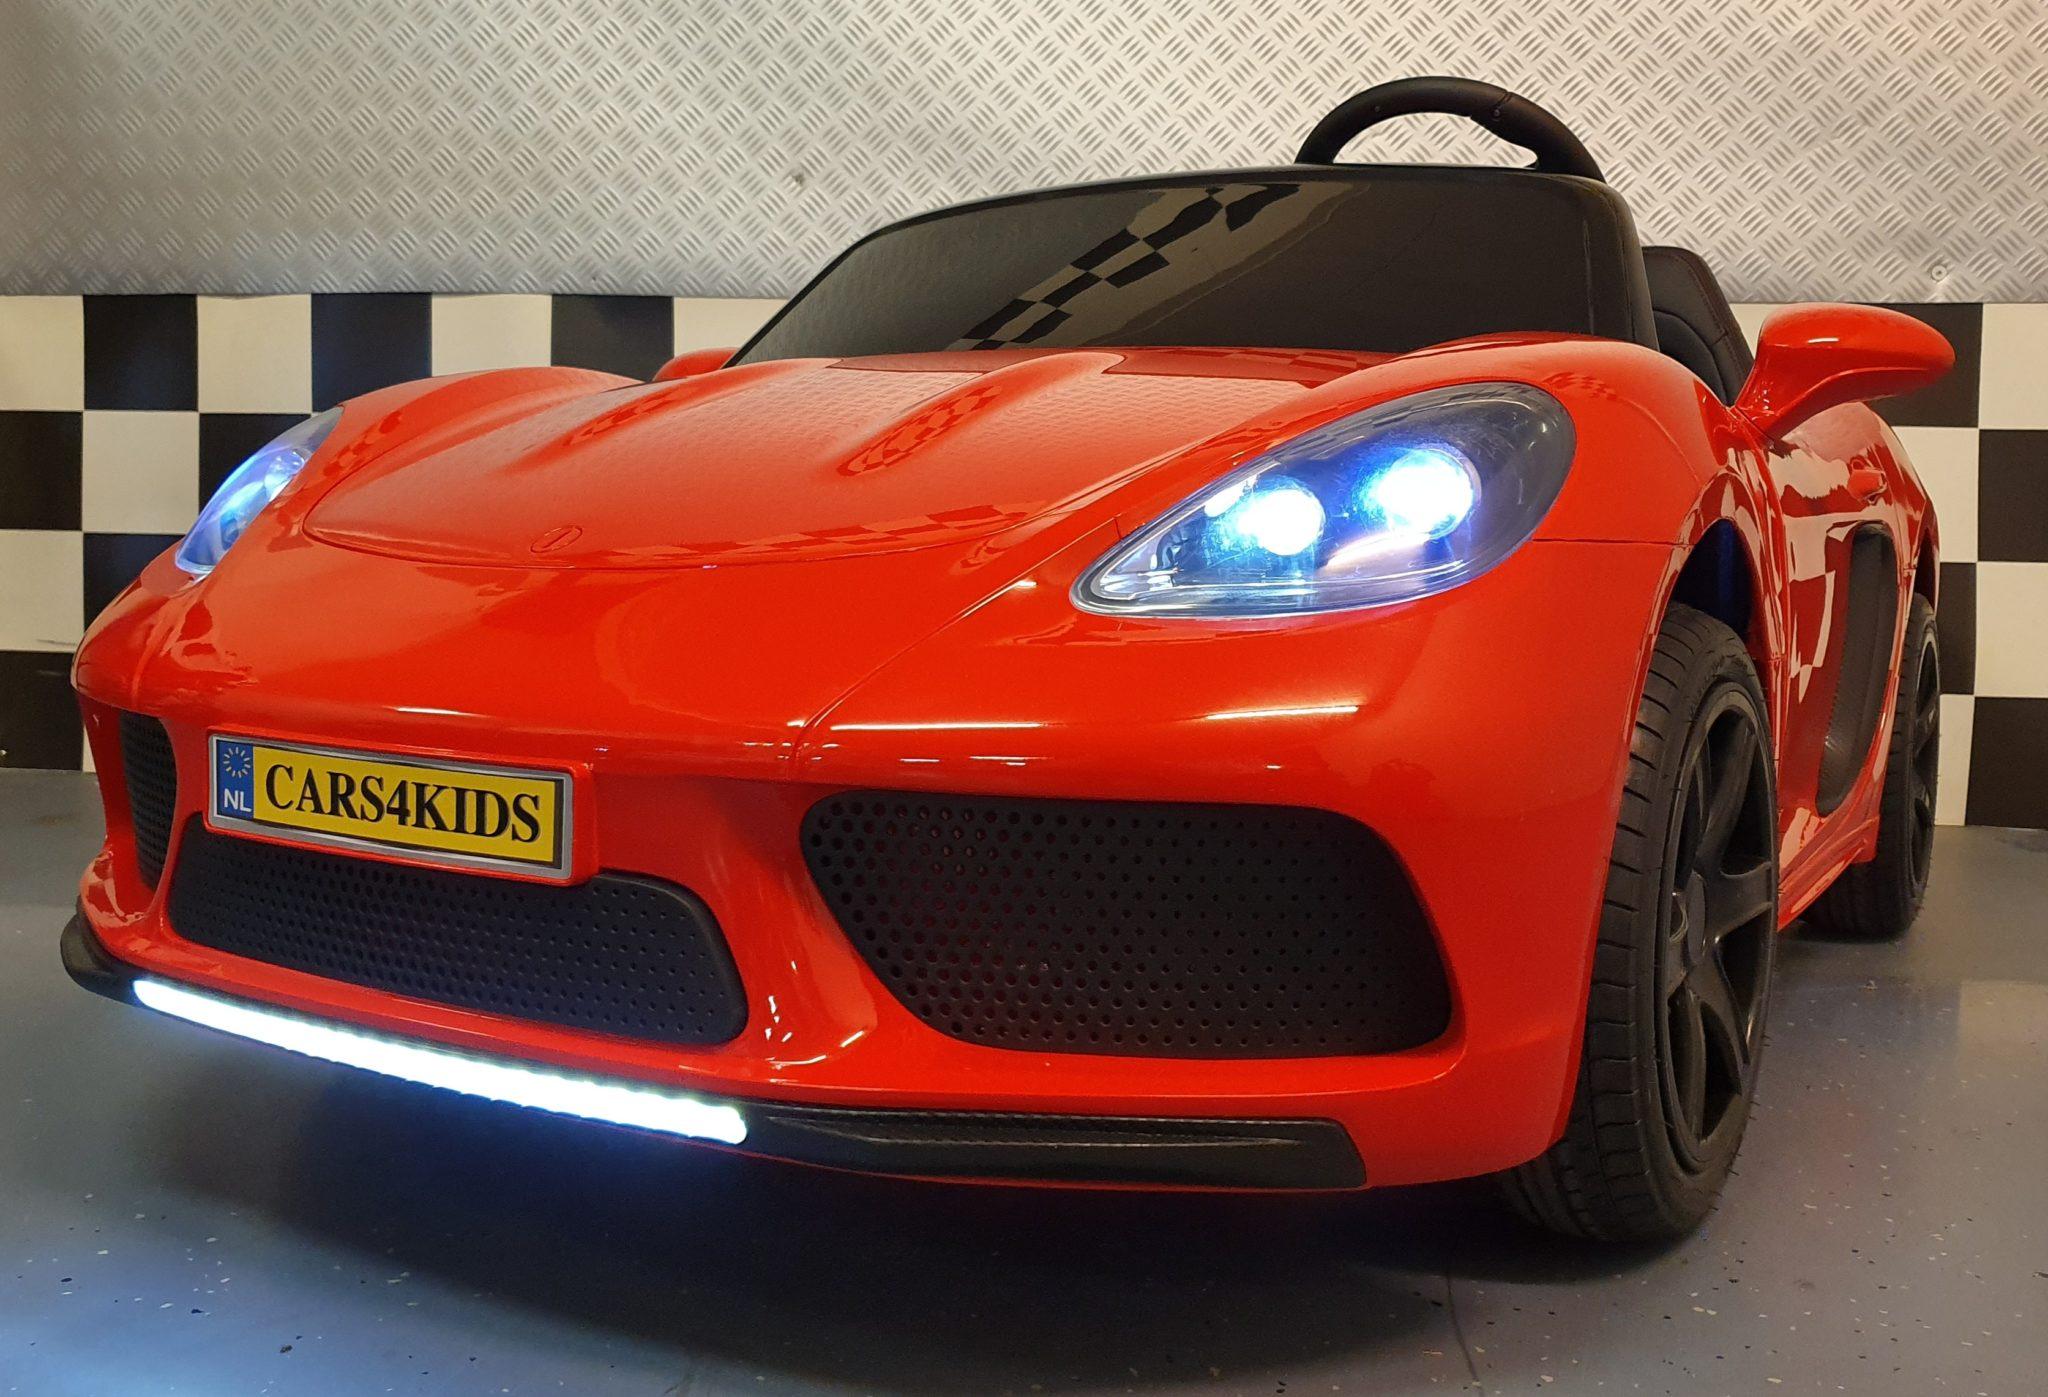 kinderauto 24 volt voor 2 kinderen vanaf 6 jaar Metallic rood